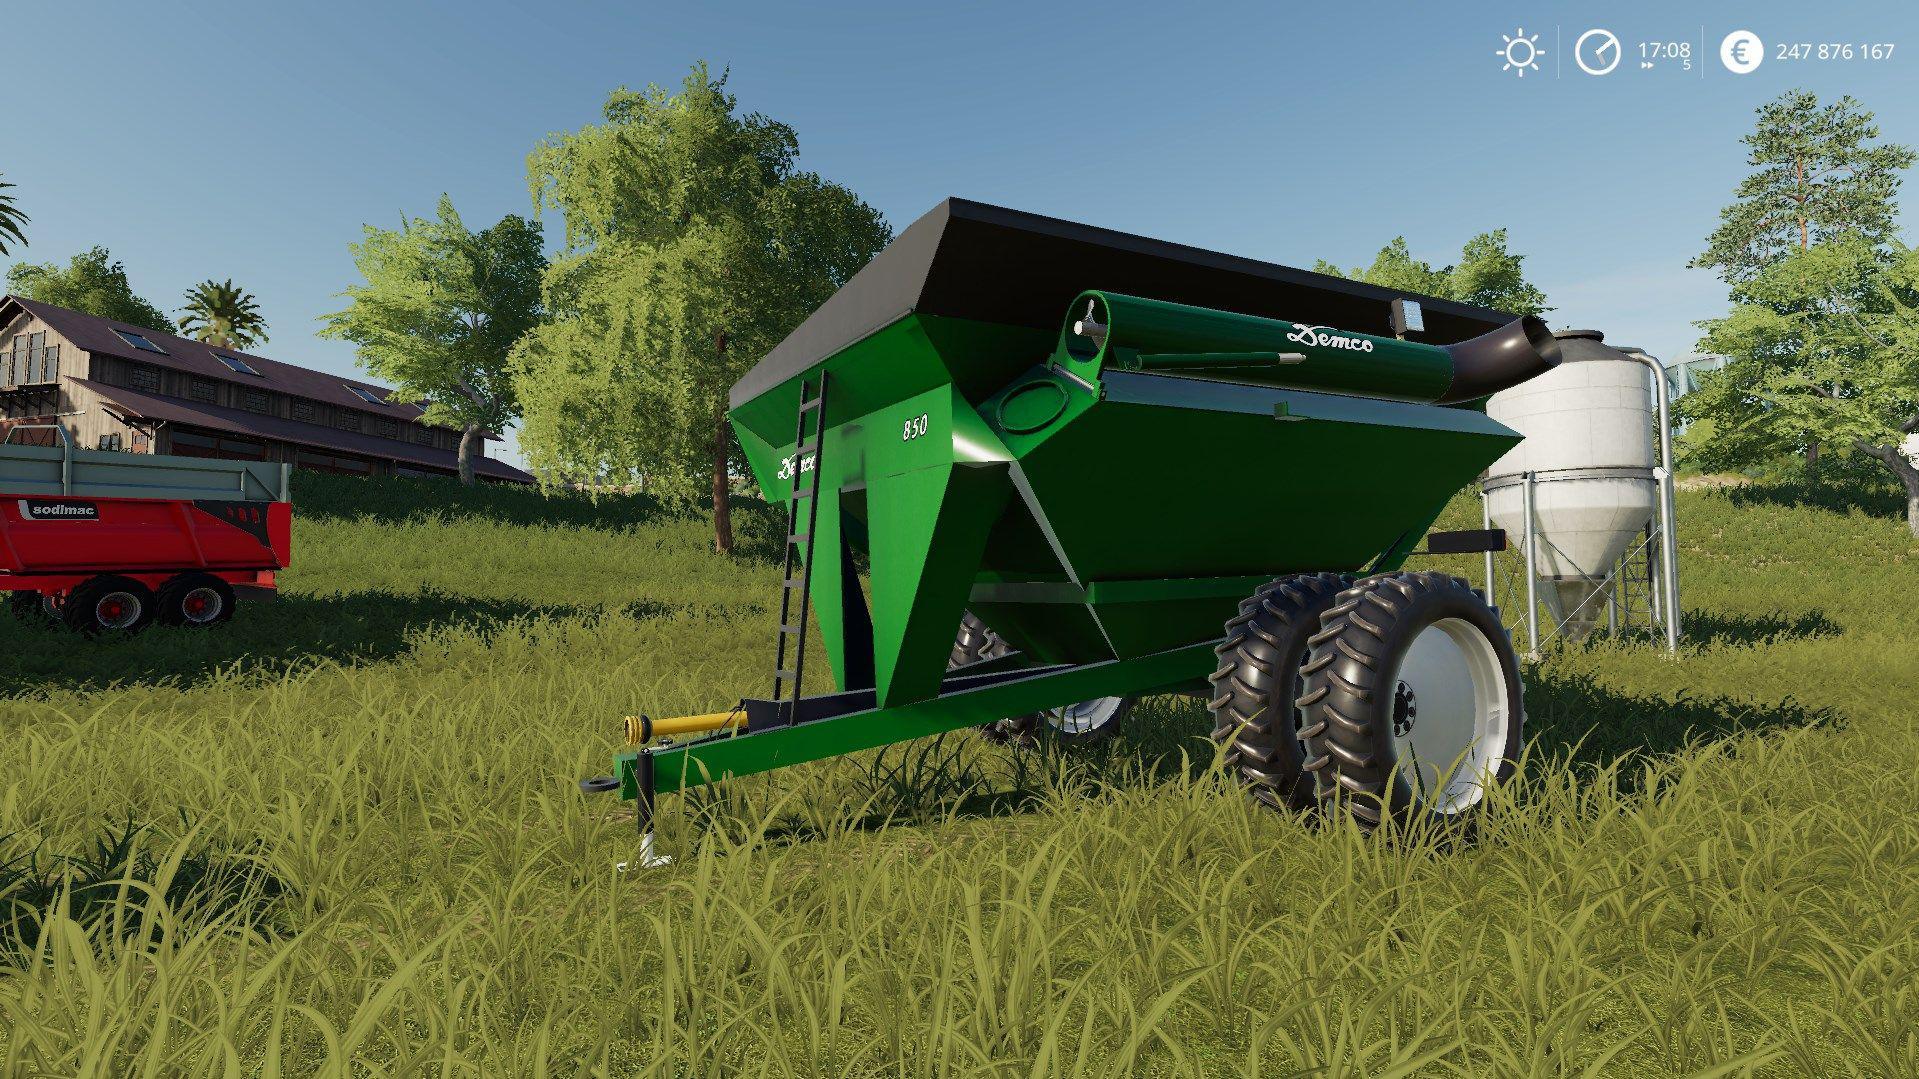 Demco 850 GrainCart v 1 0 | FS19 mods, Farming simulator 19 mods